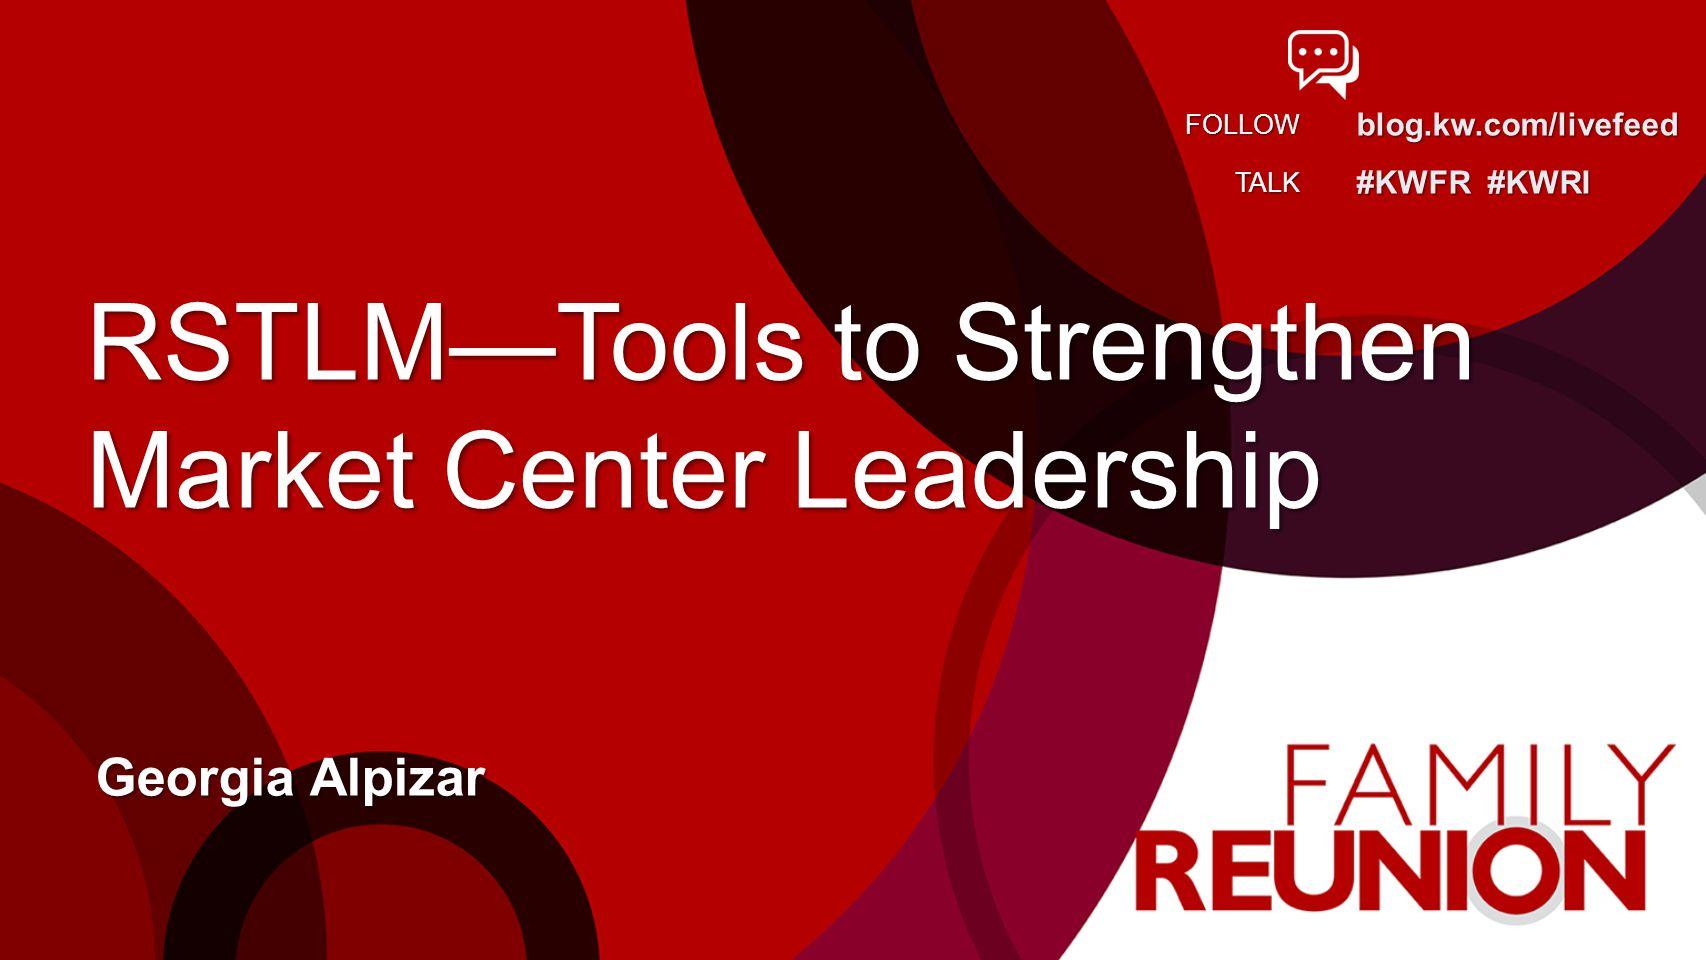 RSTLM—Tools to Strengthen Market Center Leadership